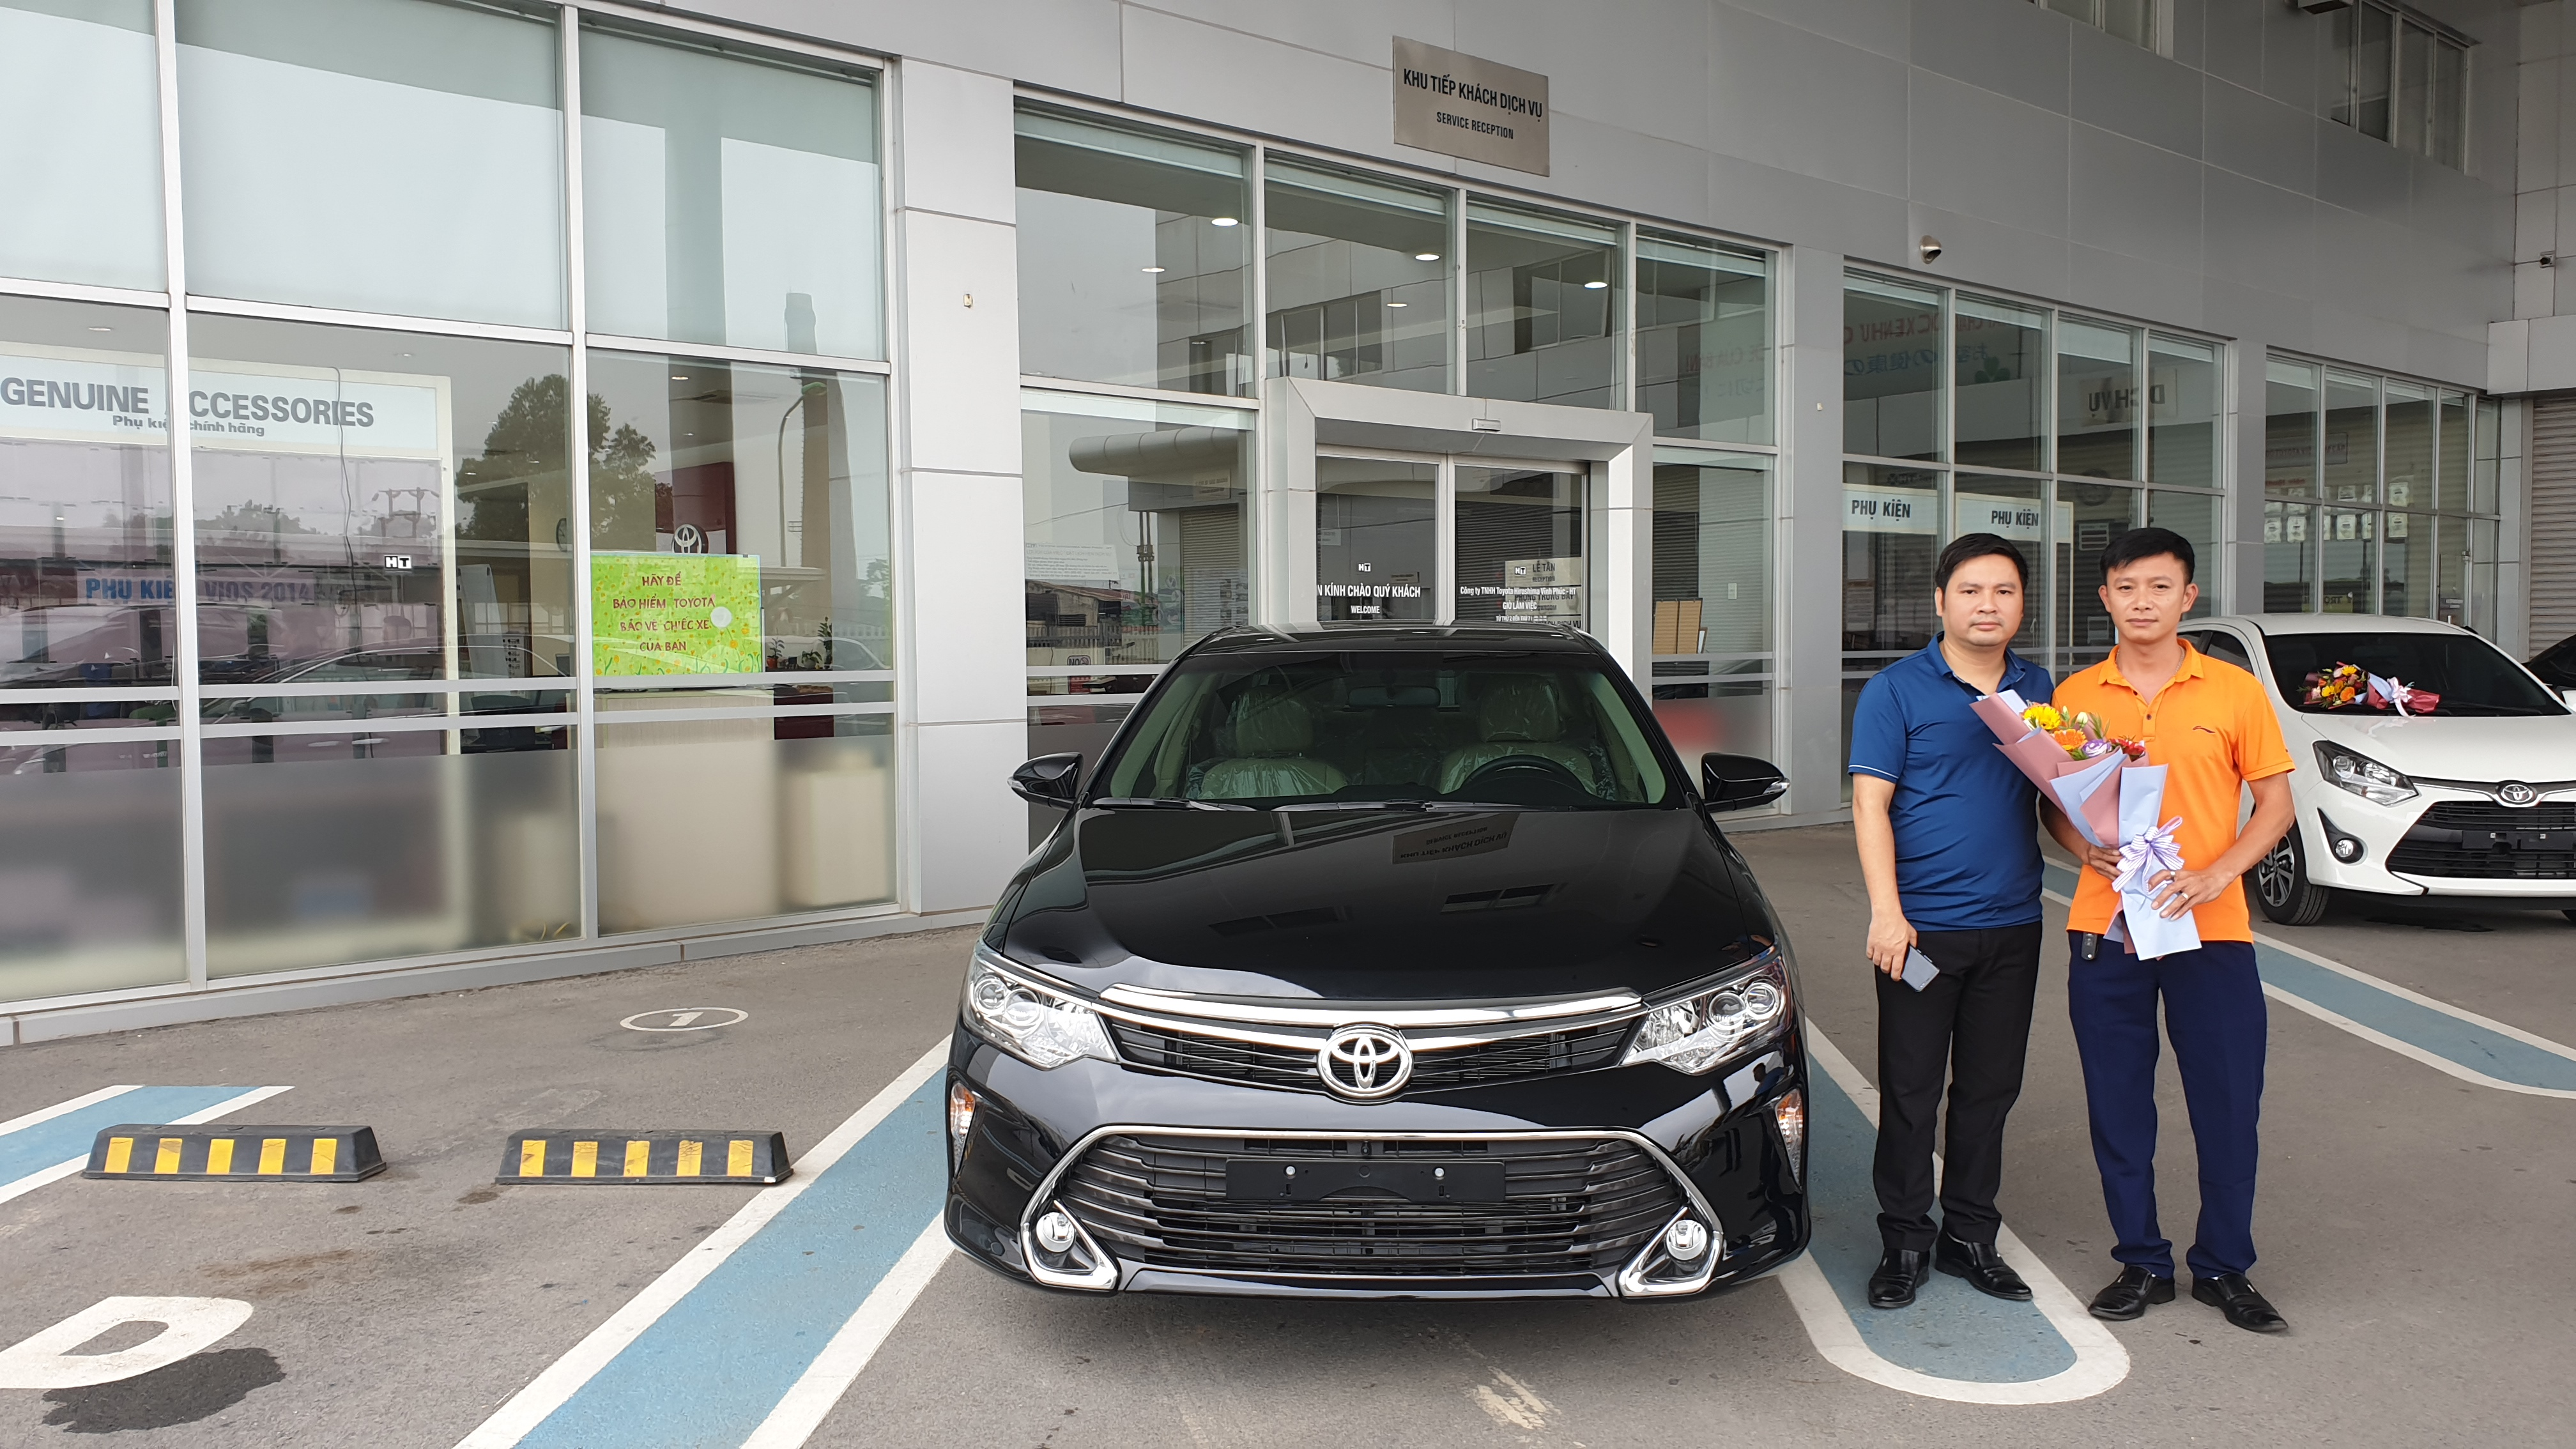 Bảng Giá Xe Ô Tô Toyota 2019 Tại Vĩnh Phúc Mới Nhất